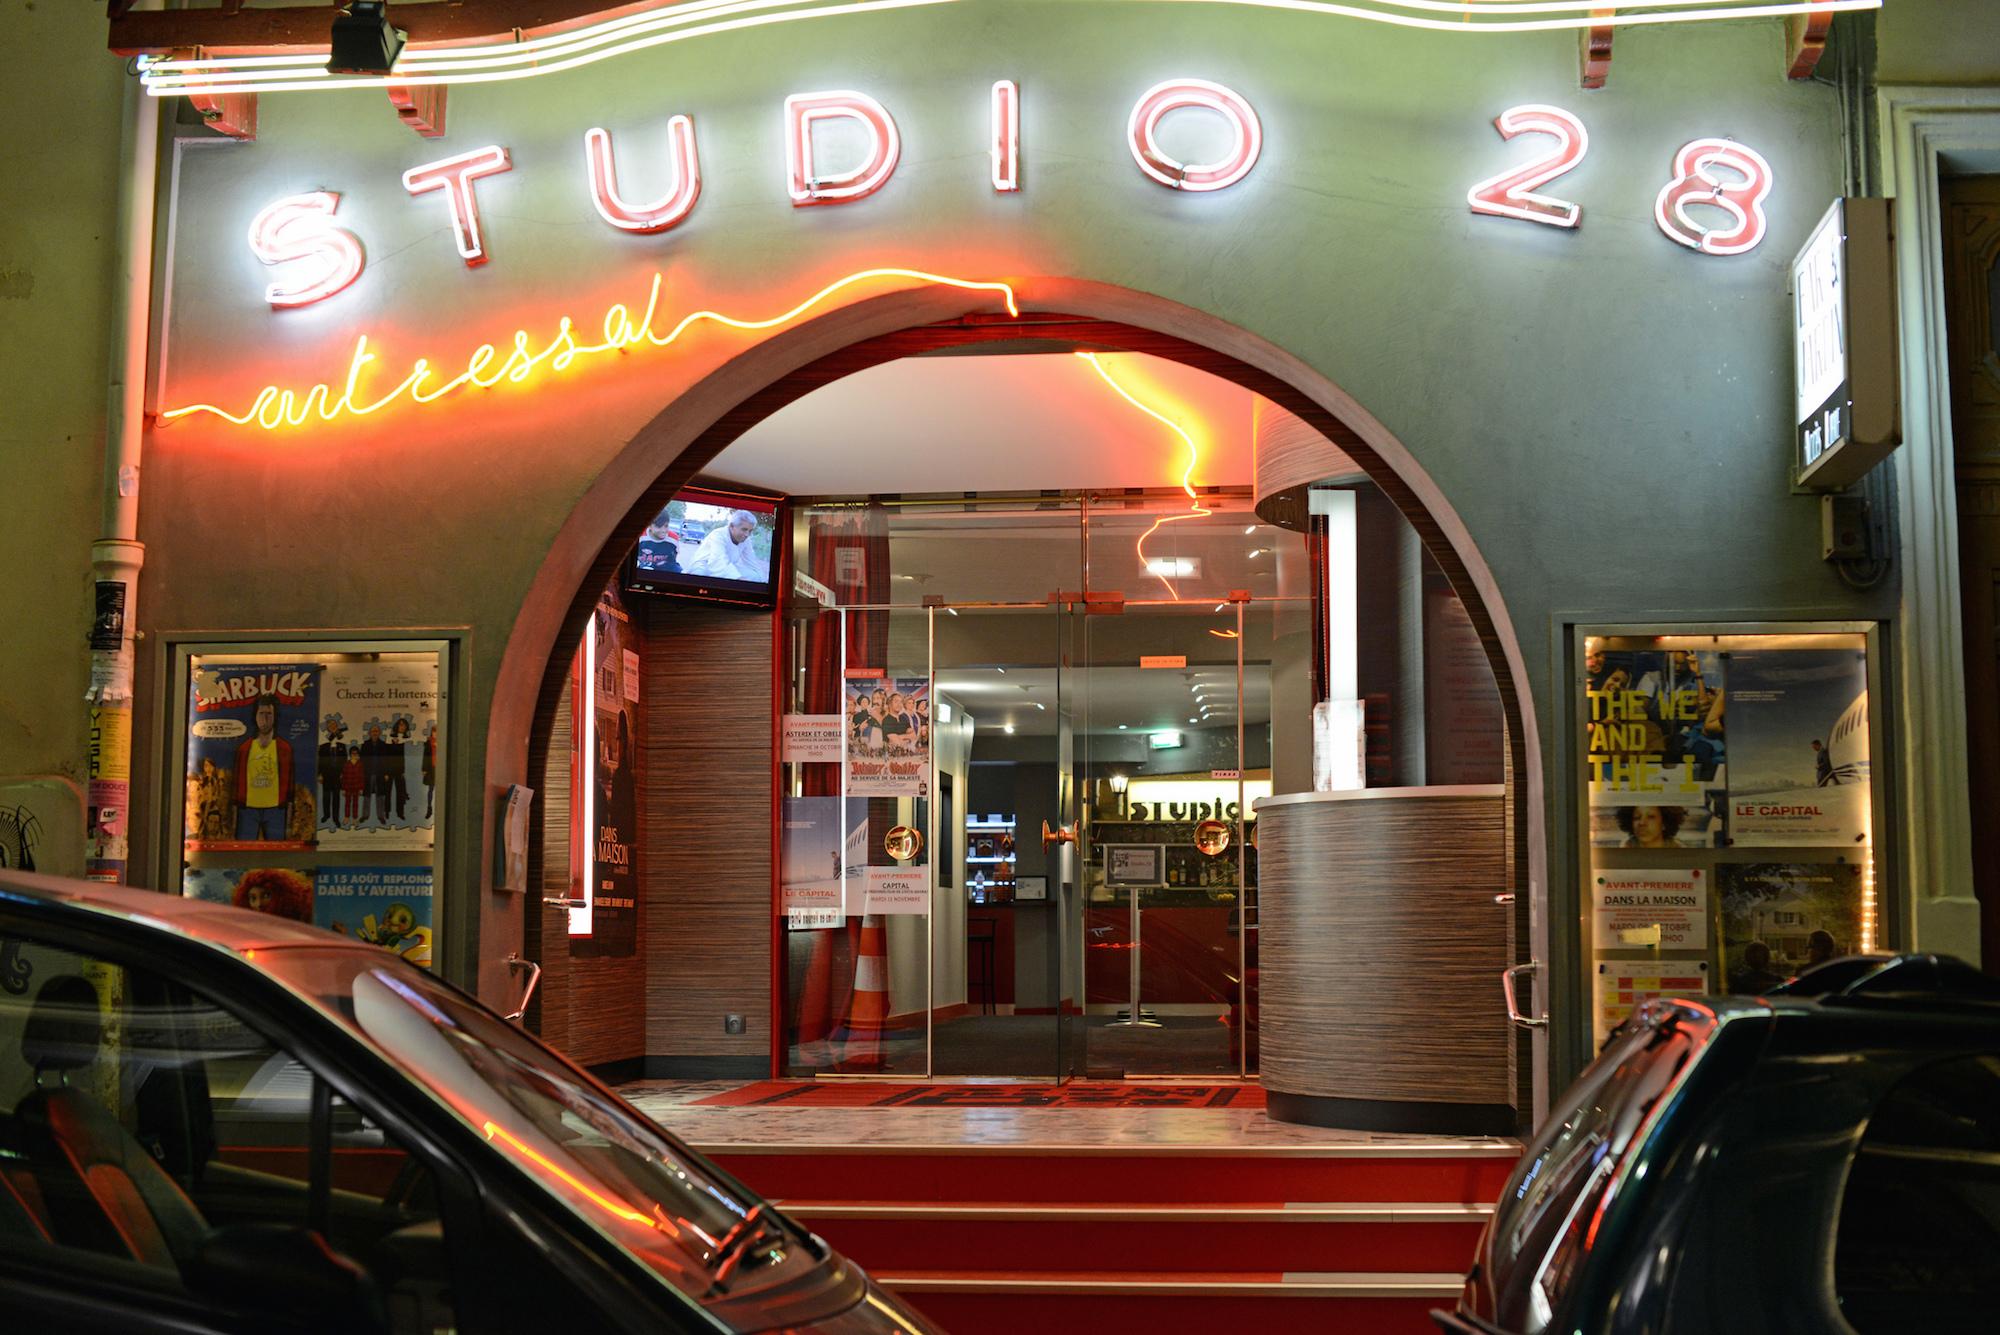 HiP Paris, Studio 28, sonofgroucho